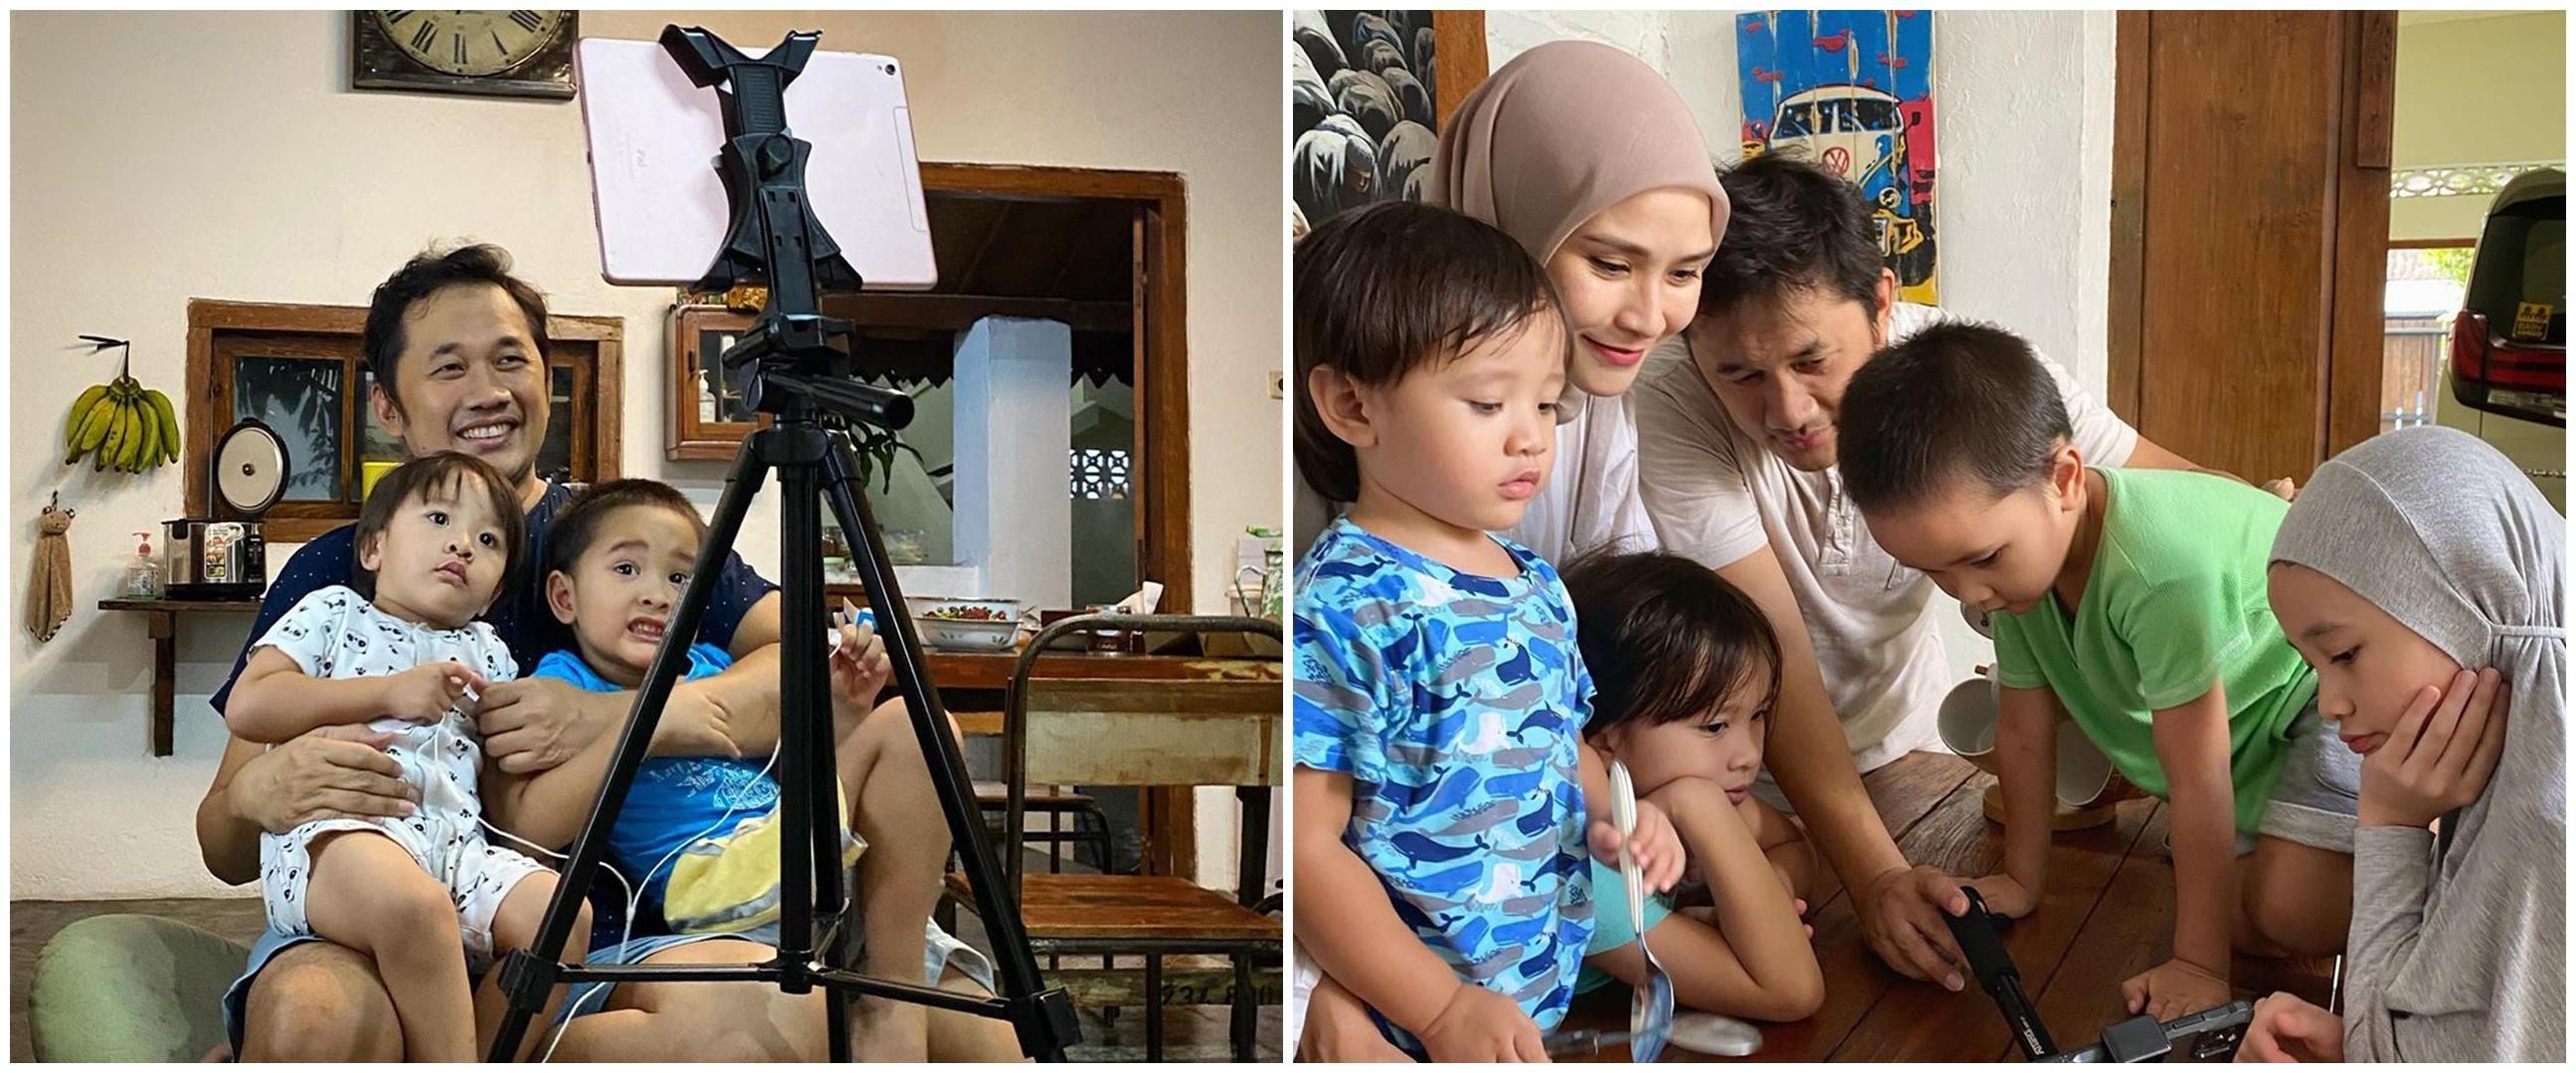 Isi kegiatan di rumah, anak Zaskia Adya Mecca ketagihan syuting